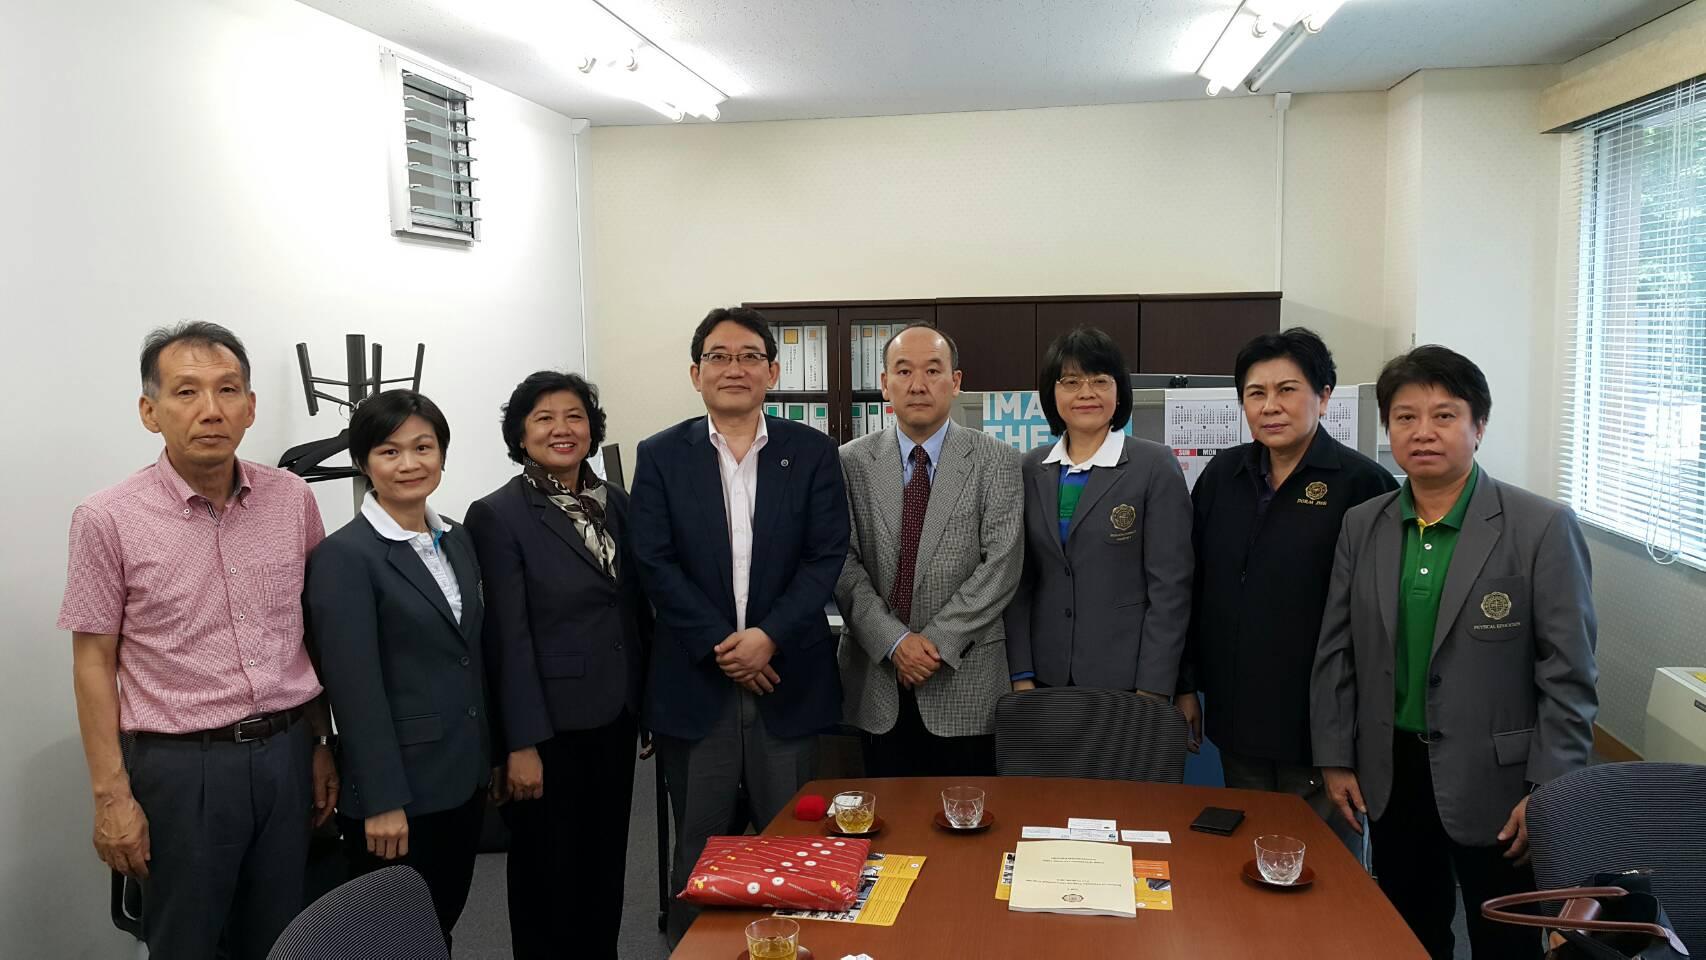 社会・国際学群長、根本信義教授と篠塚友一教授